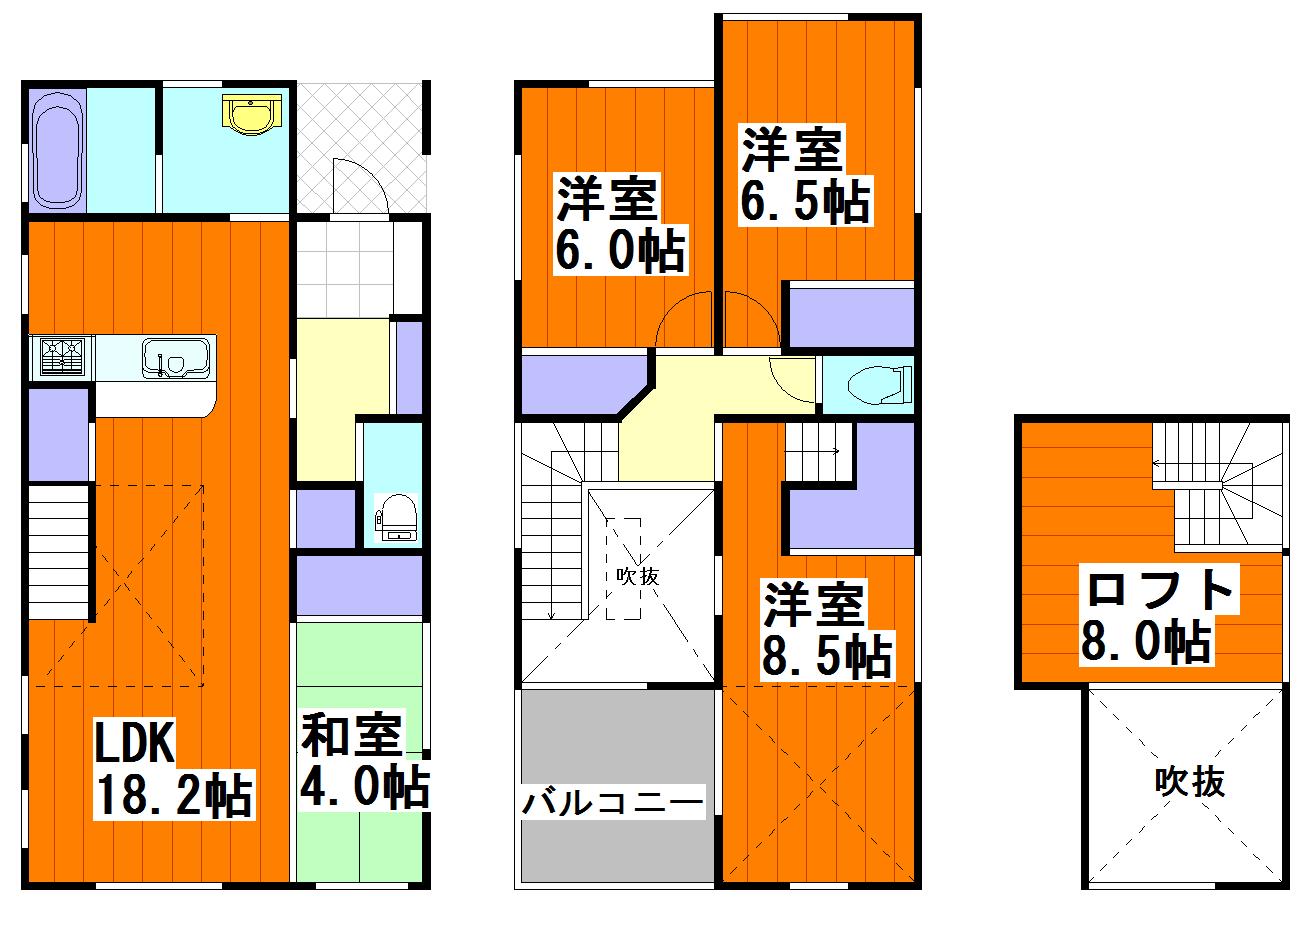 ルルーディア牛田新町 上棟!!